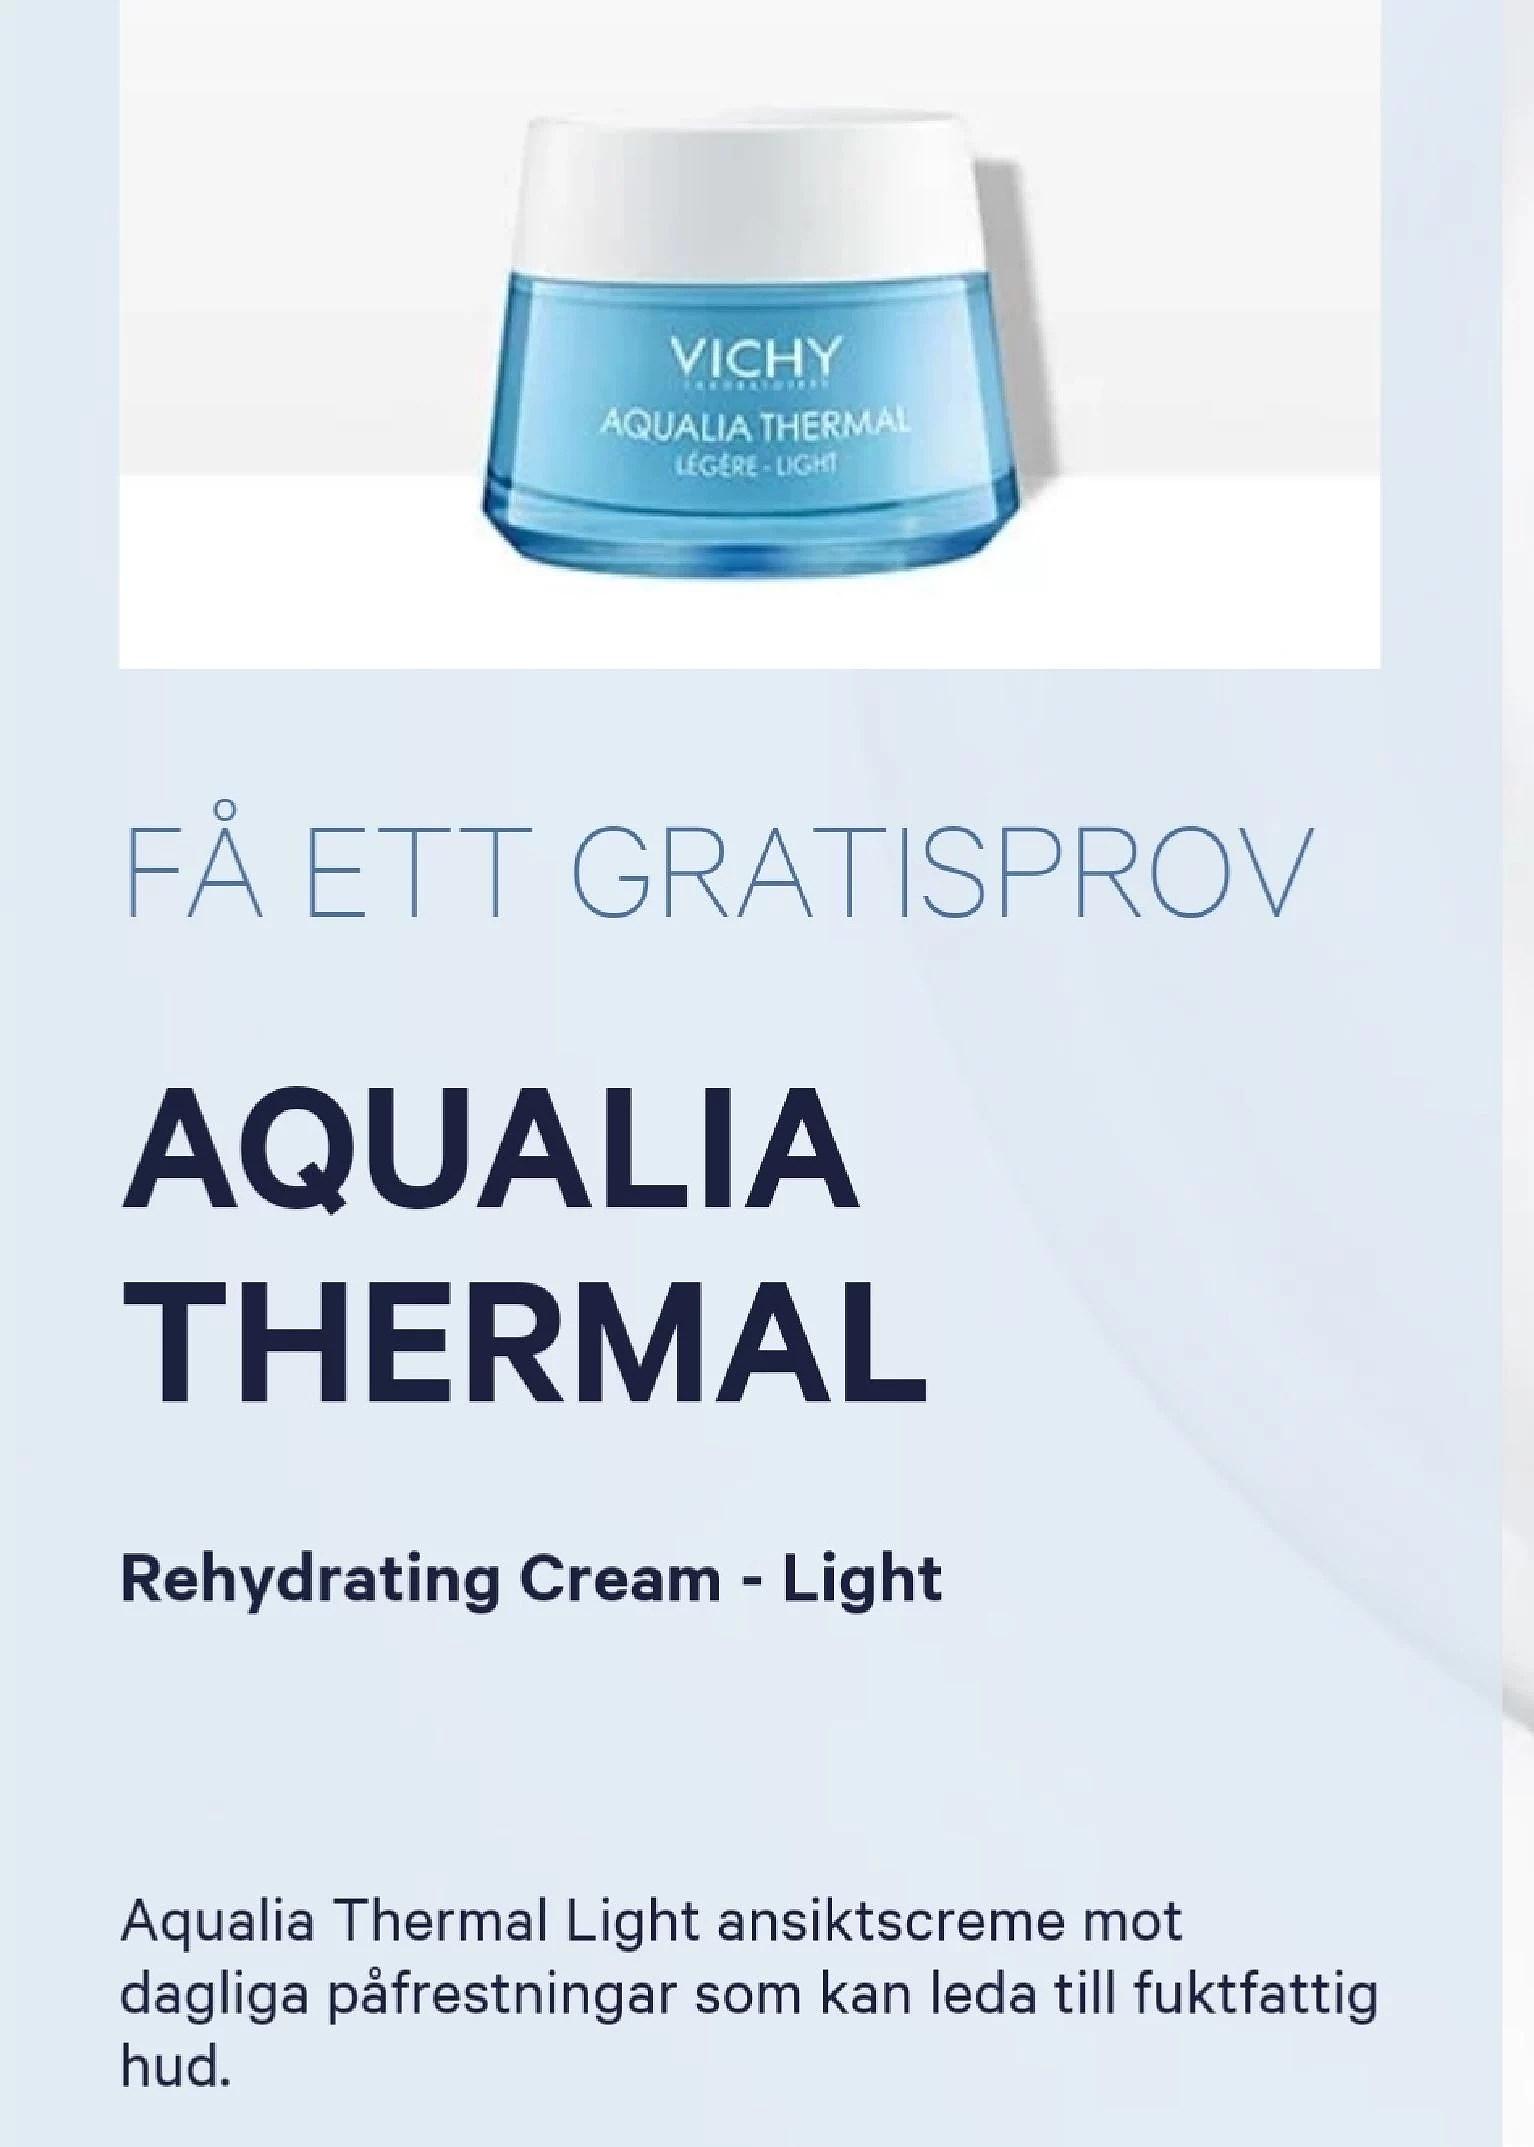 Beställ gratis prov på Vichy thermalia...